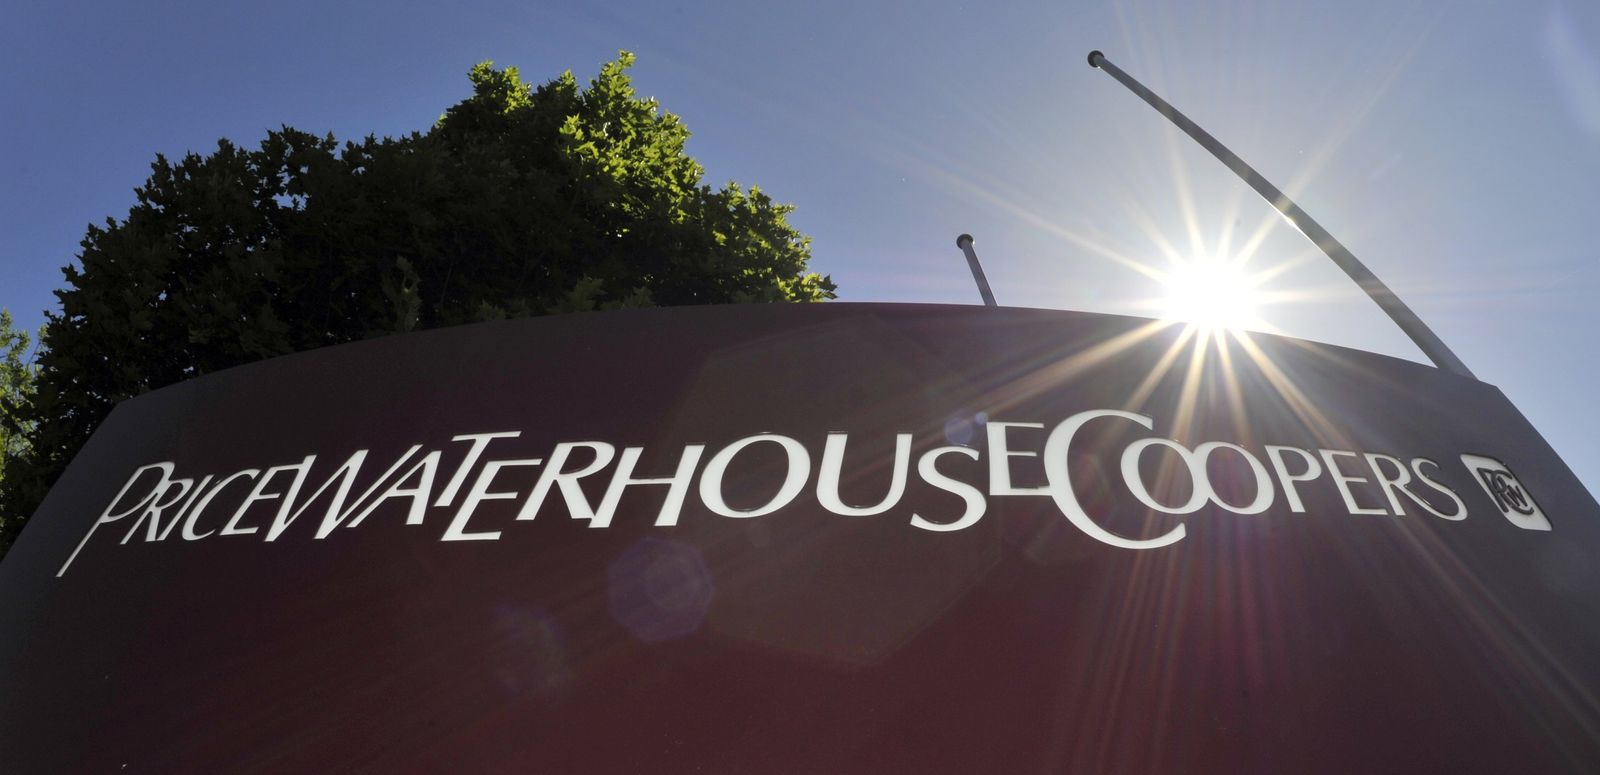 EHEC / PriceWaterhouseCoopers